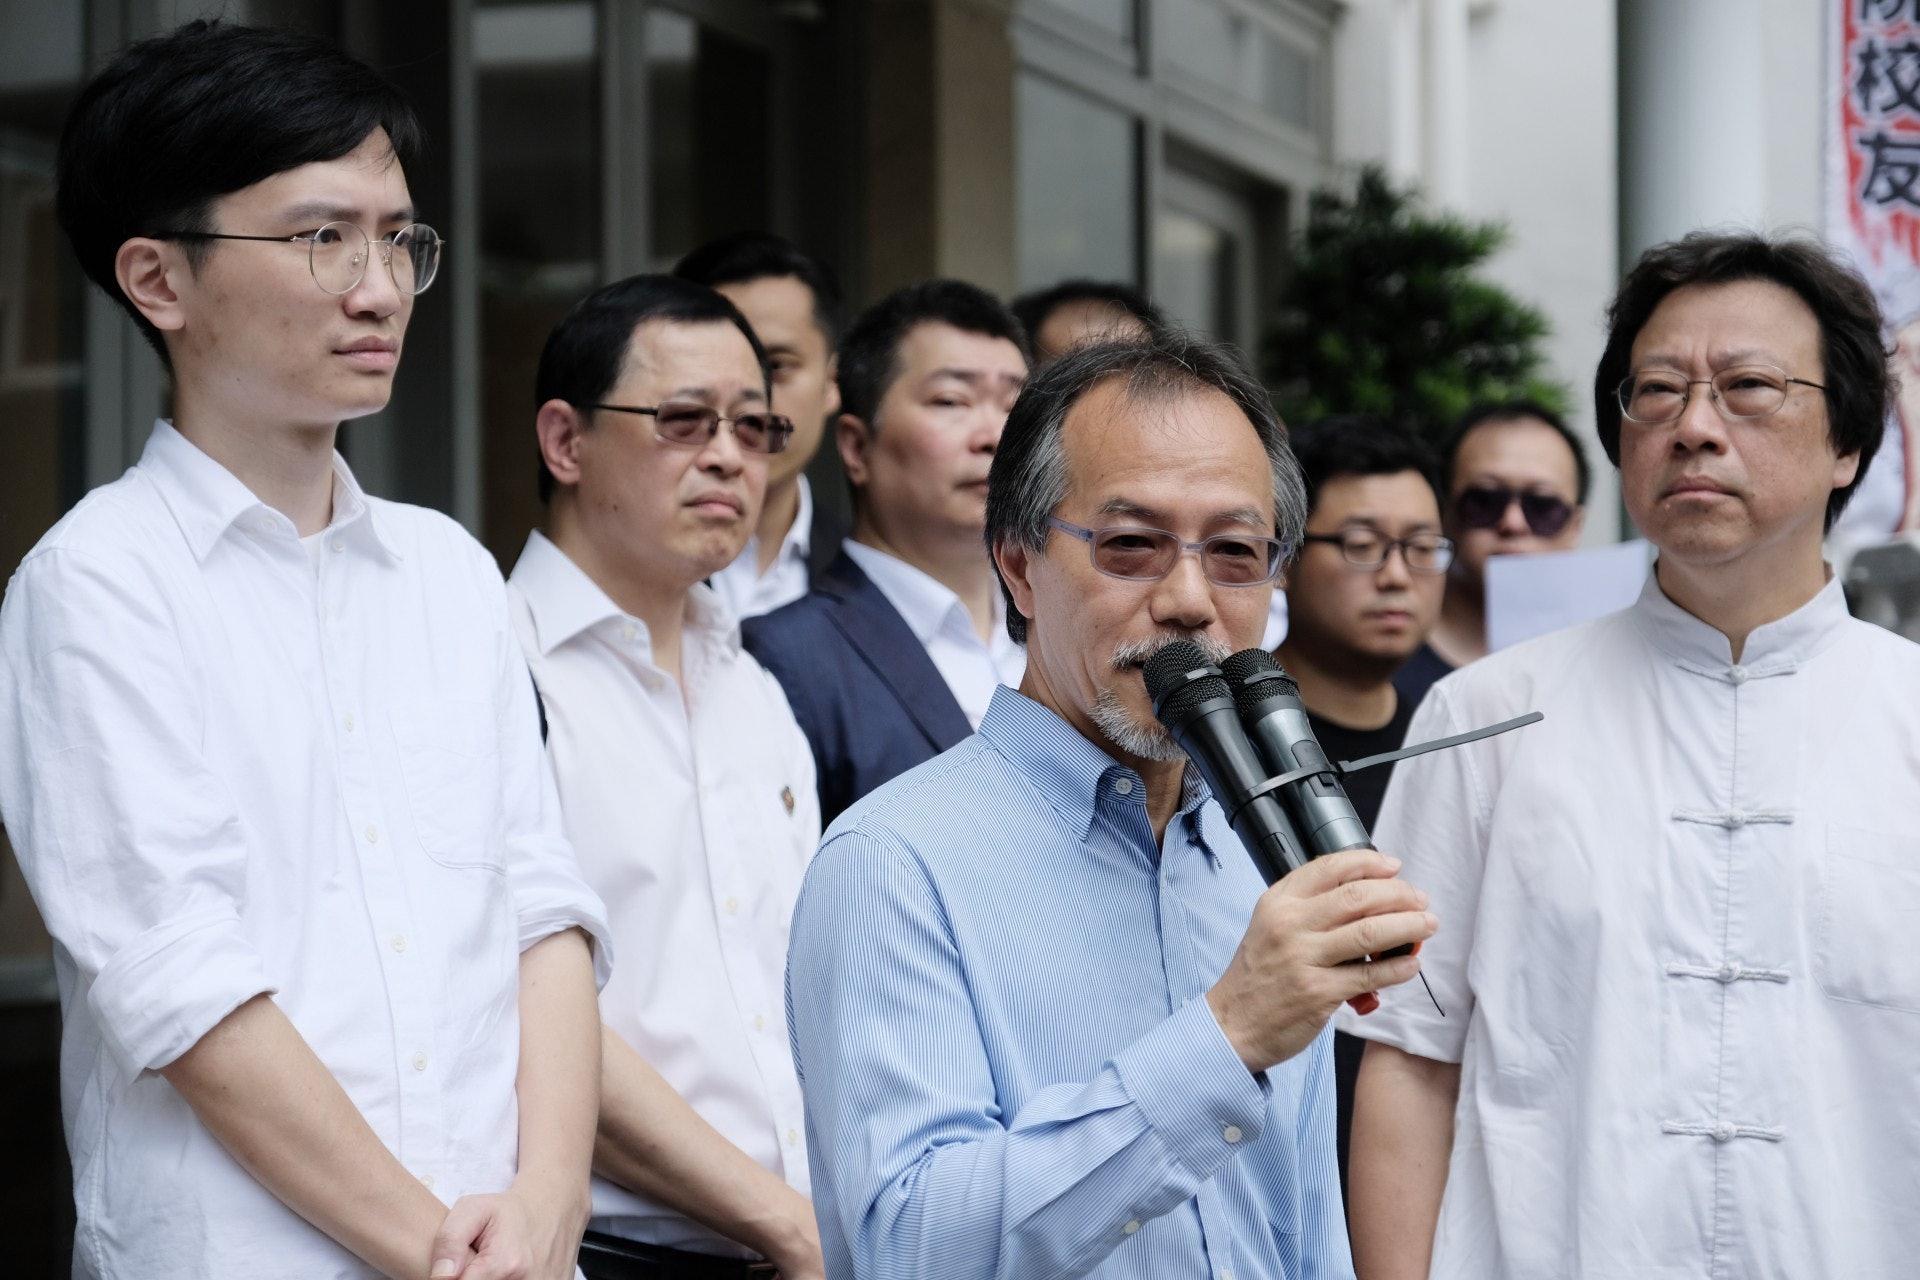 學術自由學者聯盟成員鄭漢文(右起)及立法會議員張超雄均有出席集會。(歐嘉樂攝)